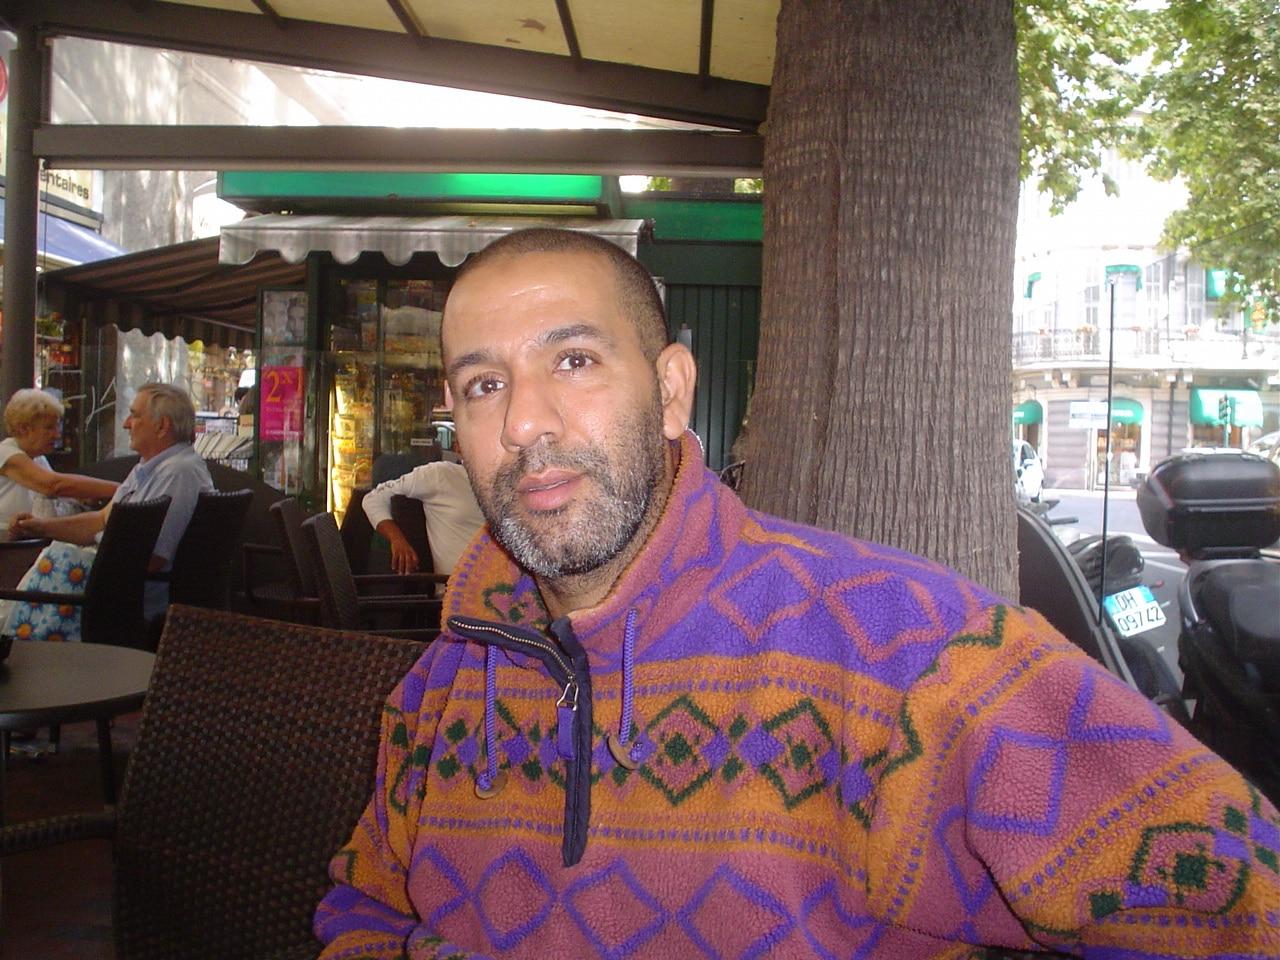 Abdelhak Chakib (Abdoul) è un ragazzo marocchino che lavora a Latte come guardia notturna presso un noto supermercato. Ma, soprattutto, è un grande appassionato di sport. Calcio e aikido i…